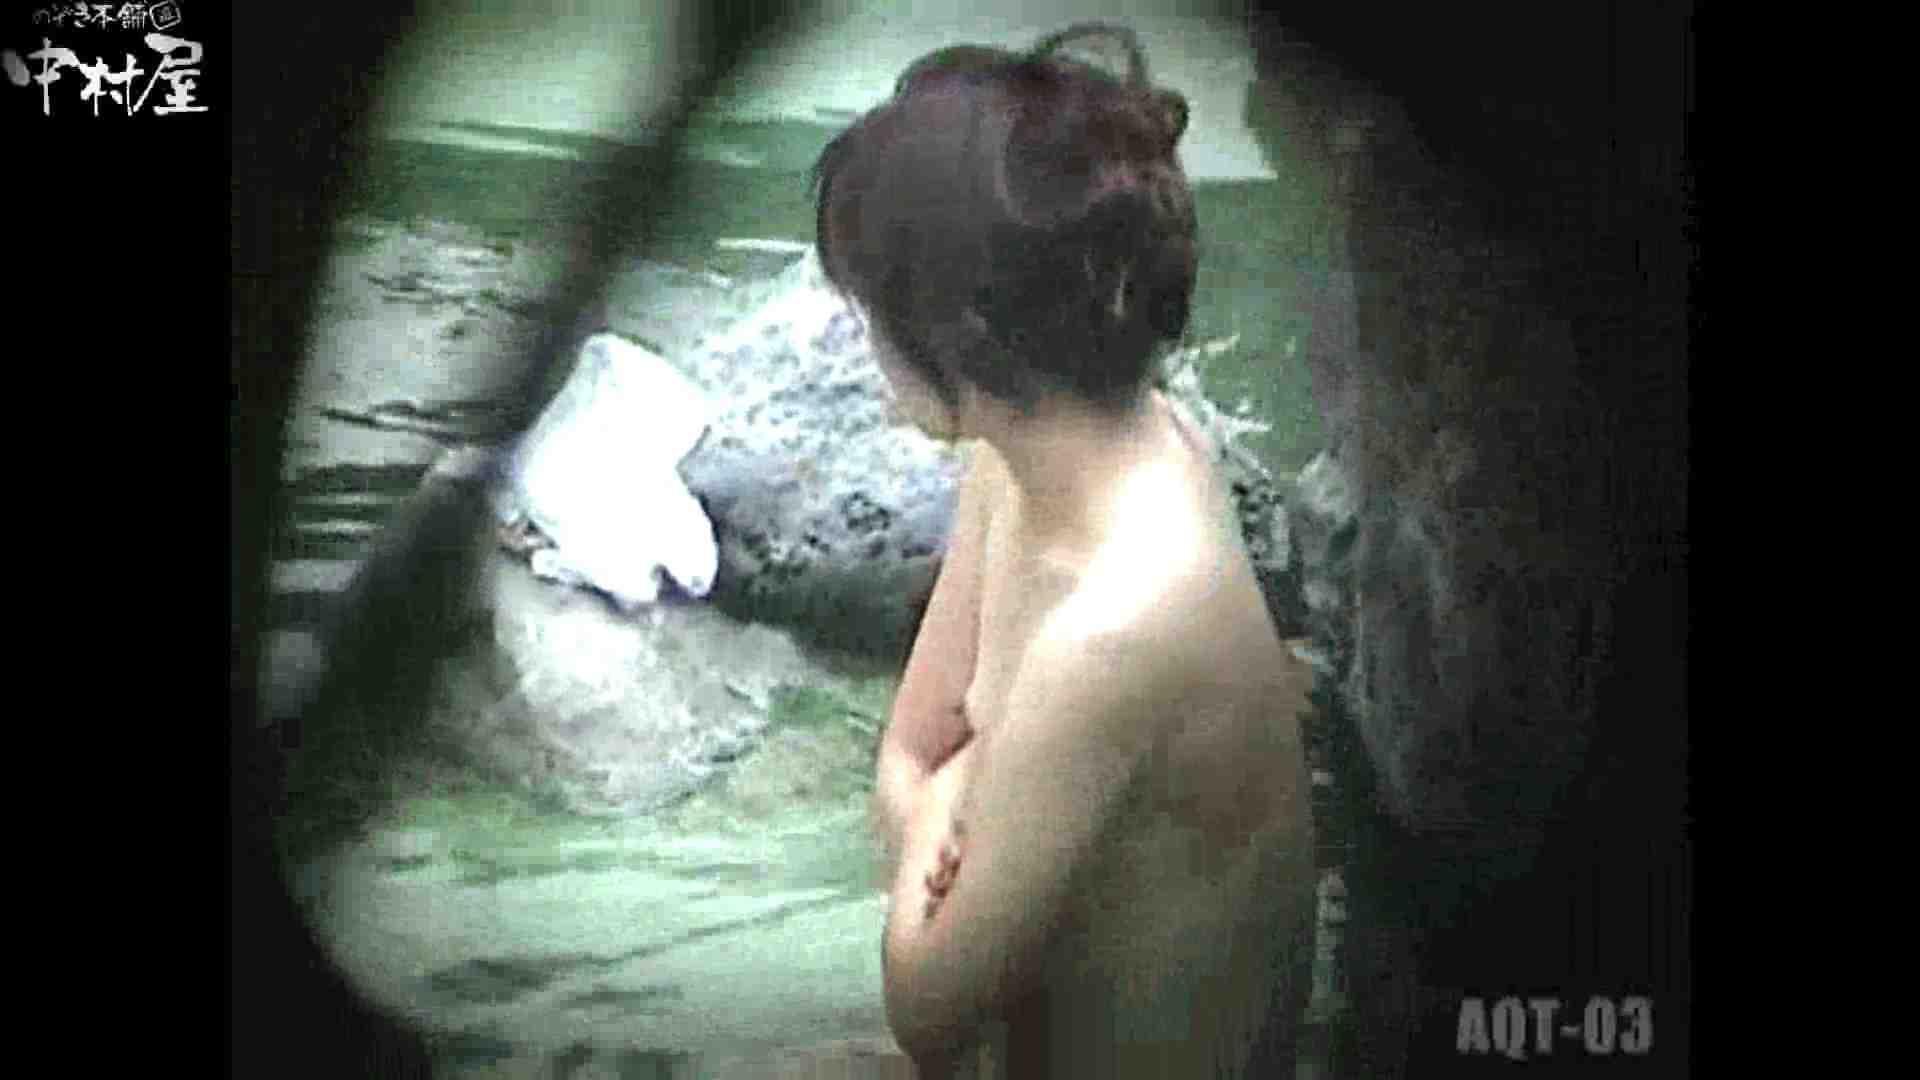 Aquaな露天風呂Vol.867潜入盗撮露天風呂参判湯 其の一 盗撮師作品 オマンコ動画キャプチャ 99pic 90